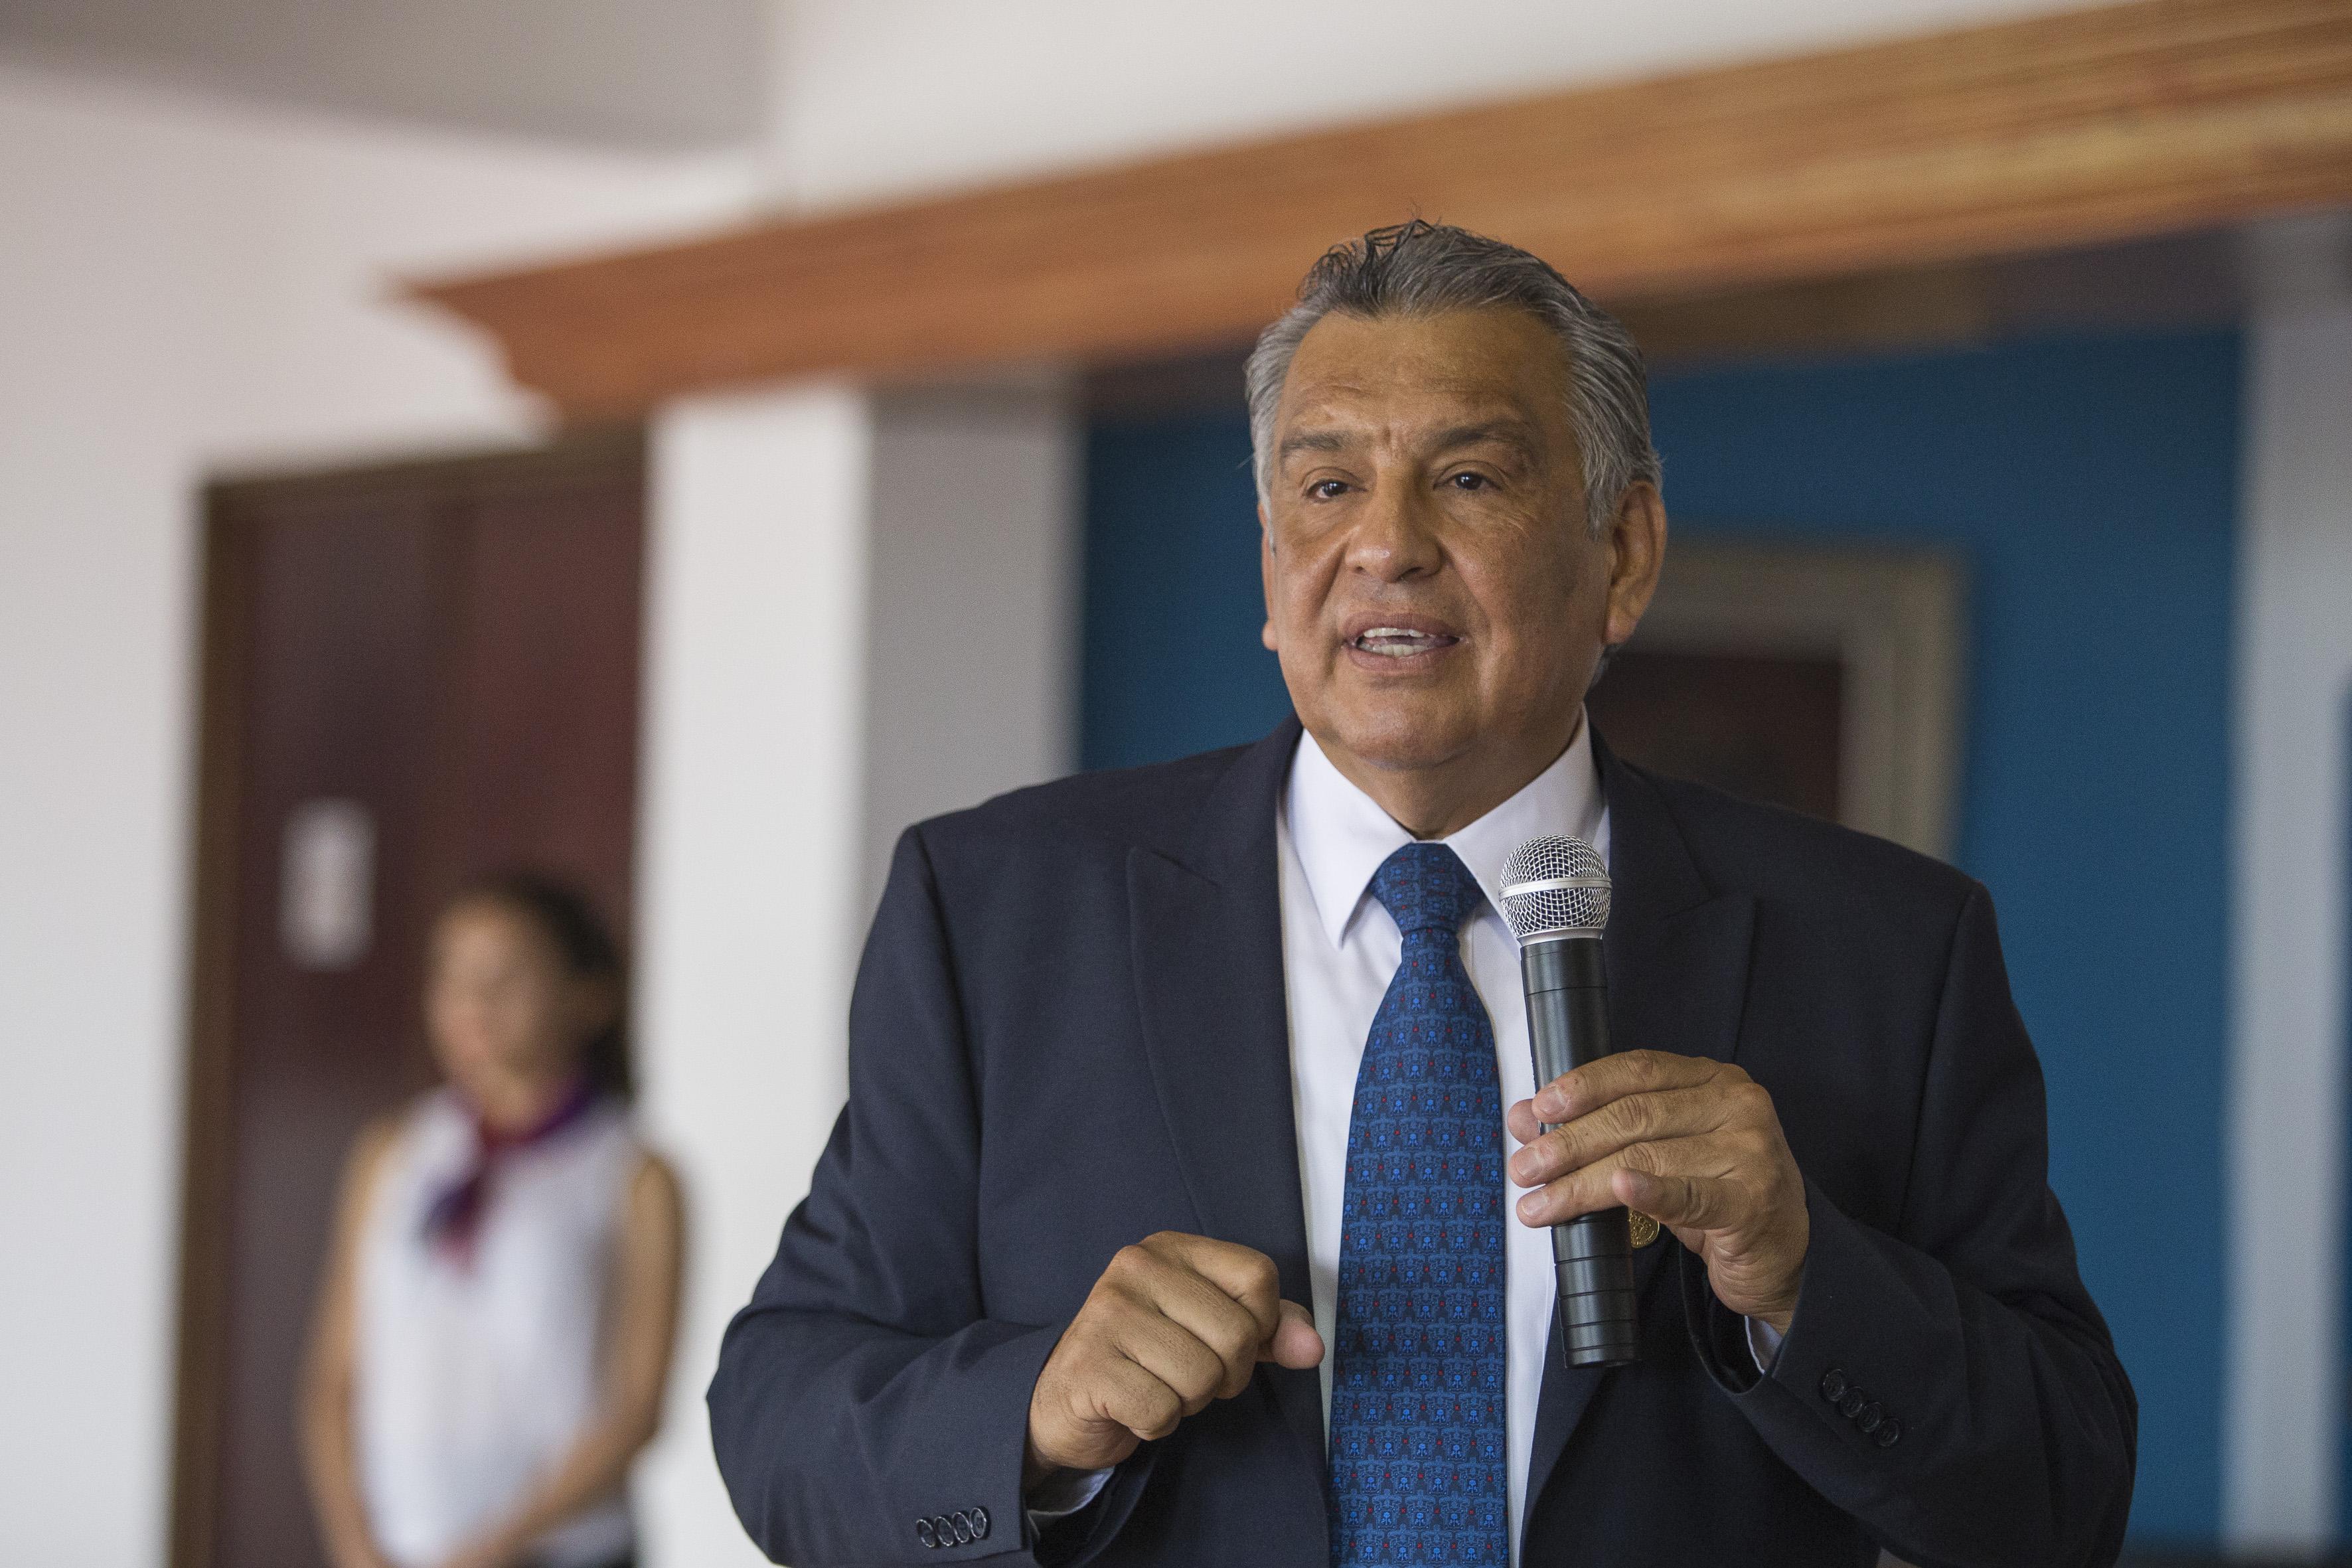 Maestro Víctor Manuel Rosario Muñoz, director de Formación Docente e Investigación del Sistema de Educación Media Superior (SEMS), de la Universidad de Guadalajara, haciendo uso de la palabra.